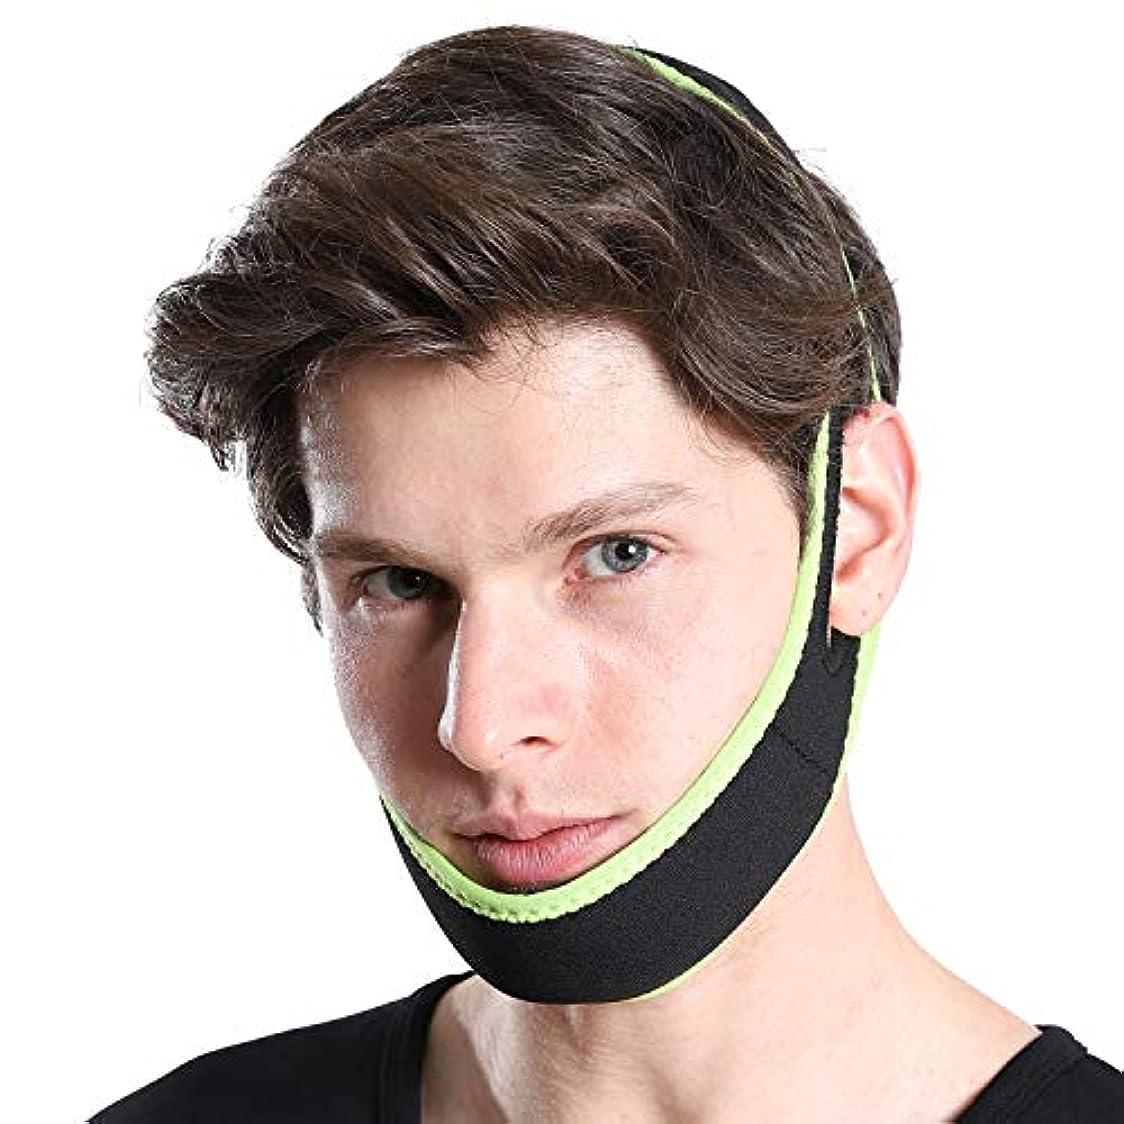 閉じるまだらトロリーELPIRKA 小顔マスク メンズ ゲルマニウムチタン 配合で 顔痩せ 小顔 リフトアップ!